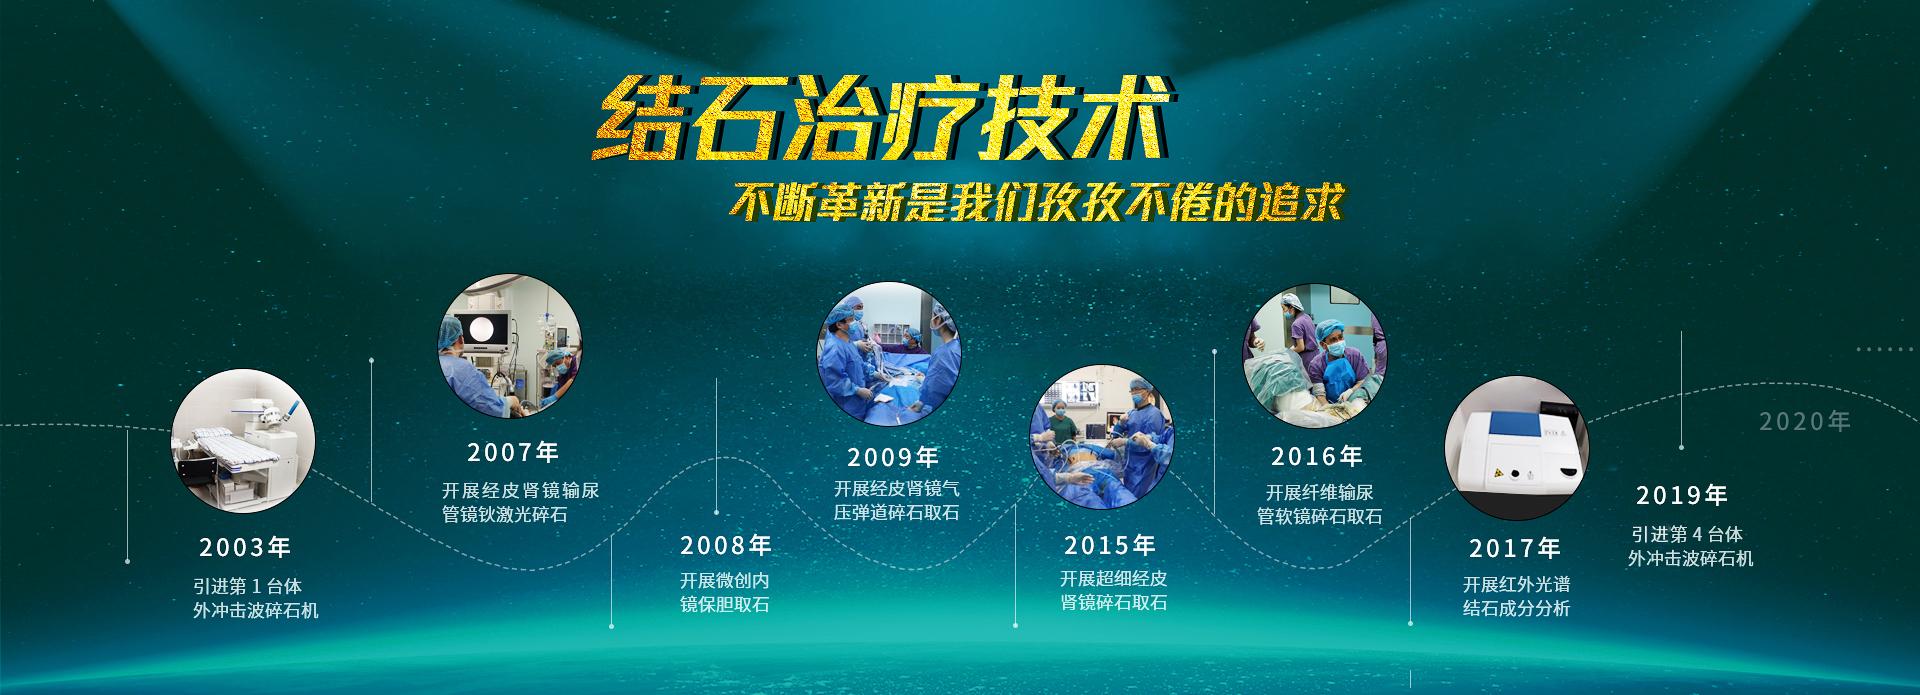 雅安仁康医院17年结石专科发展成就结石专科品牌